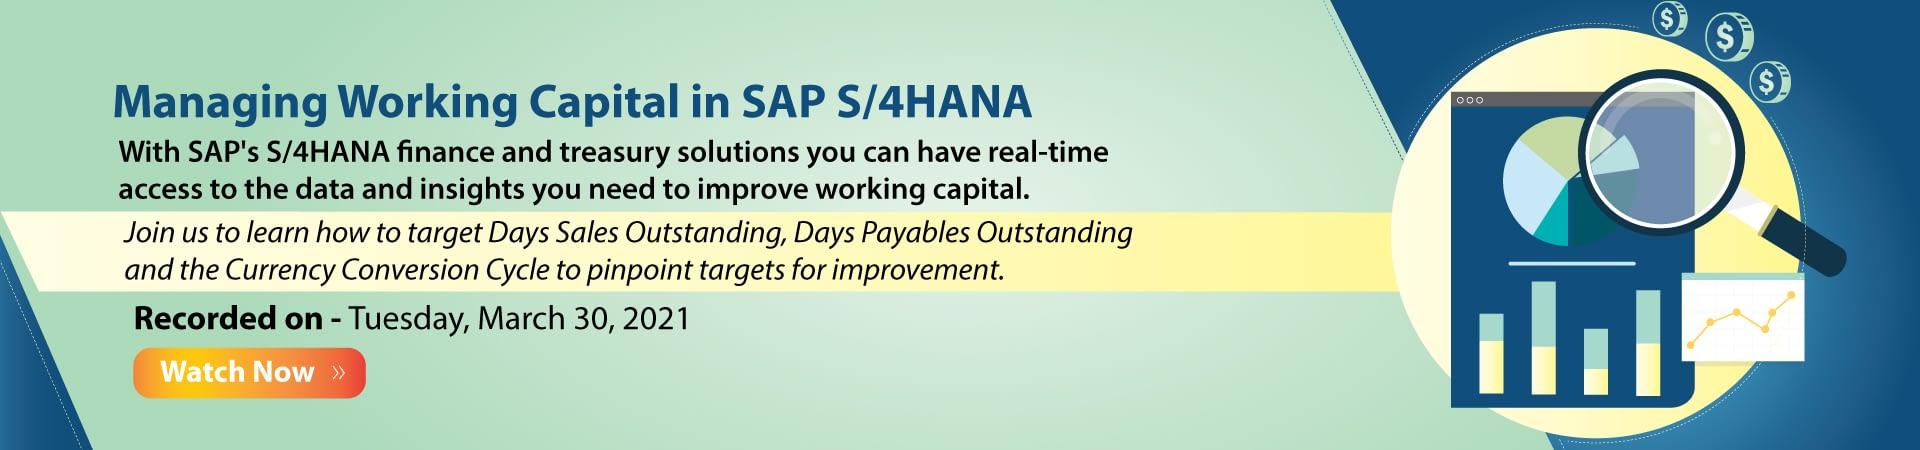 SAP S4HANA Banner